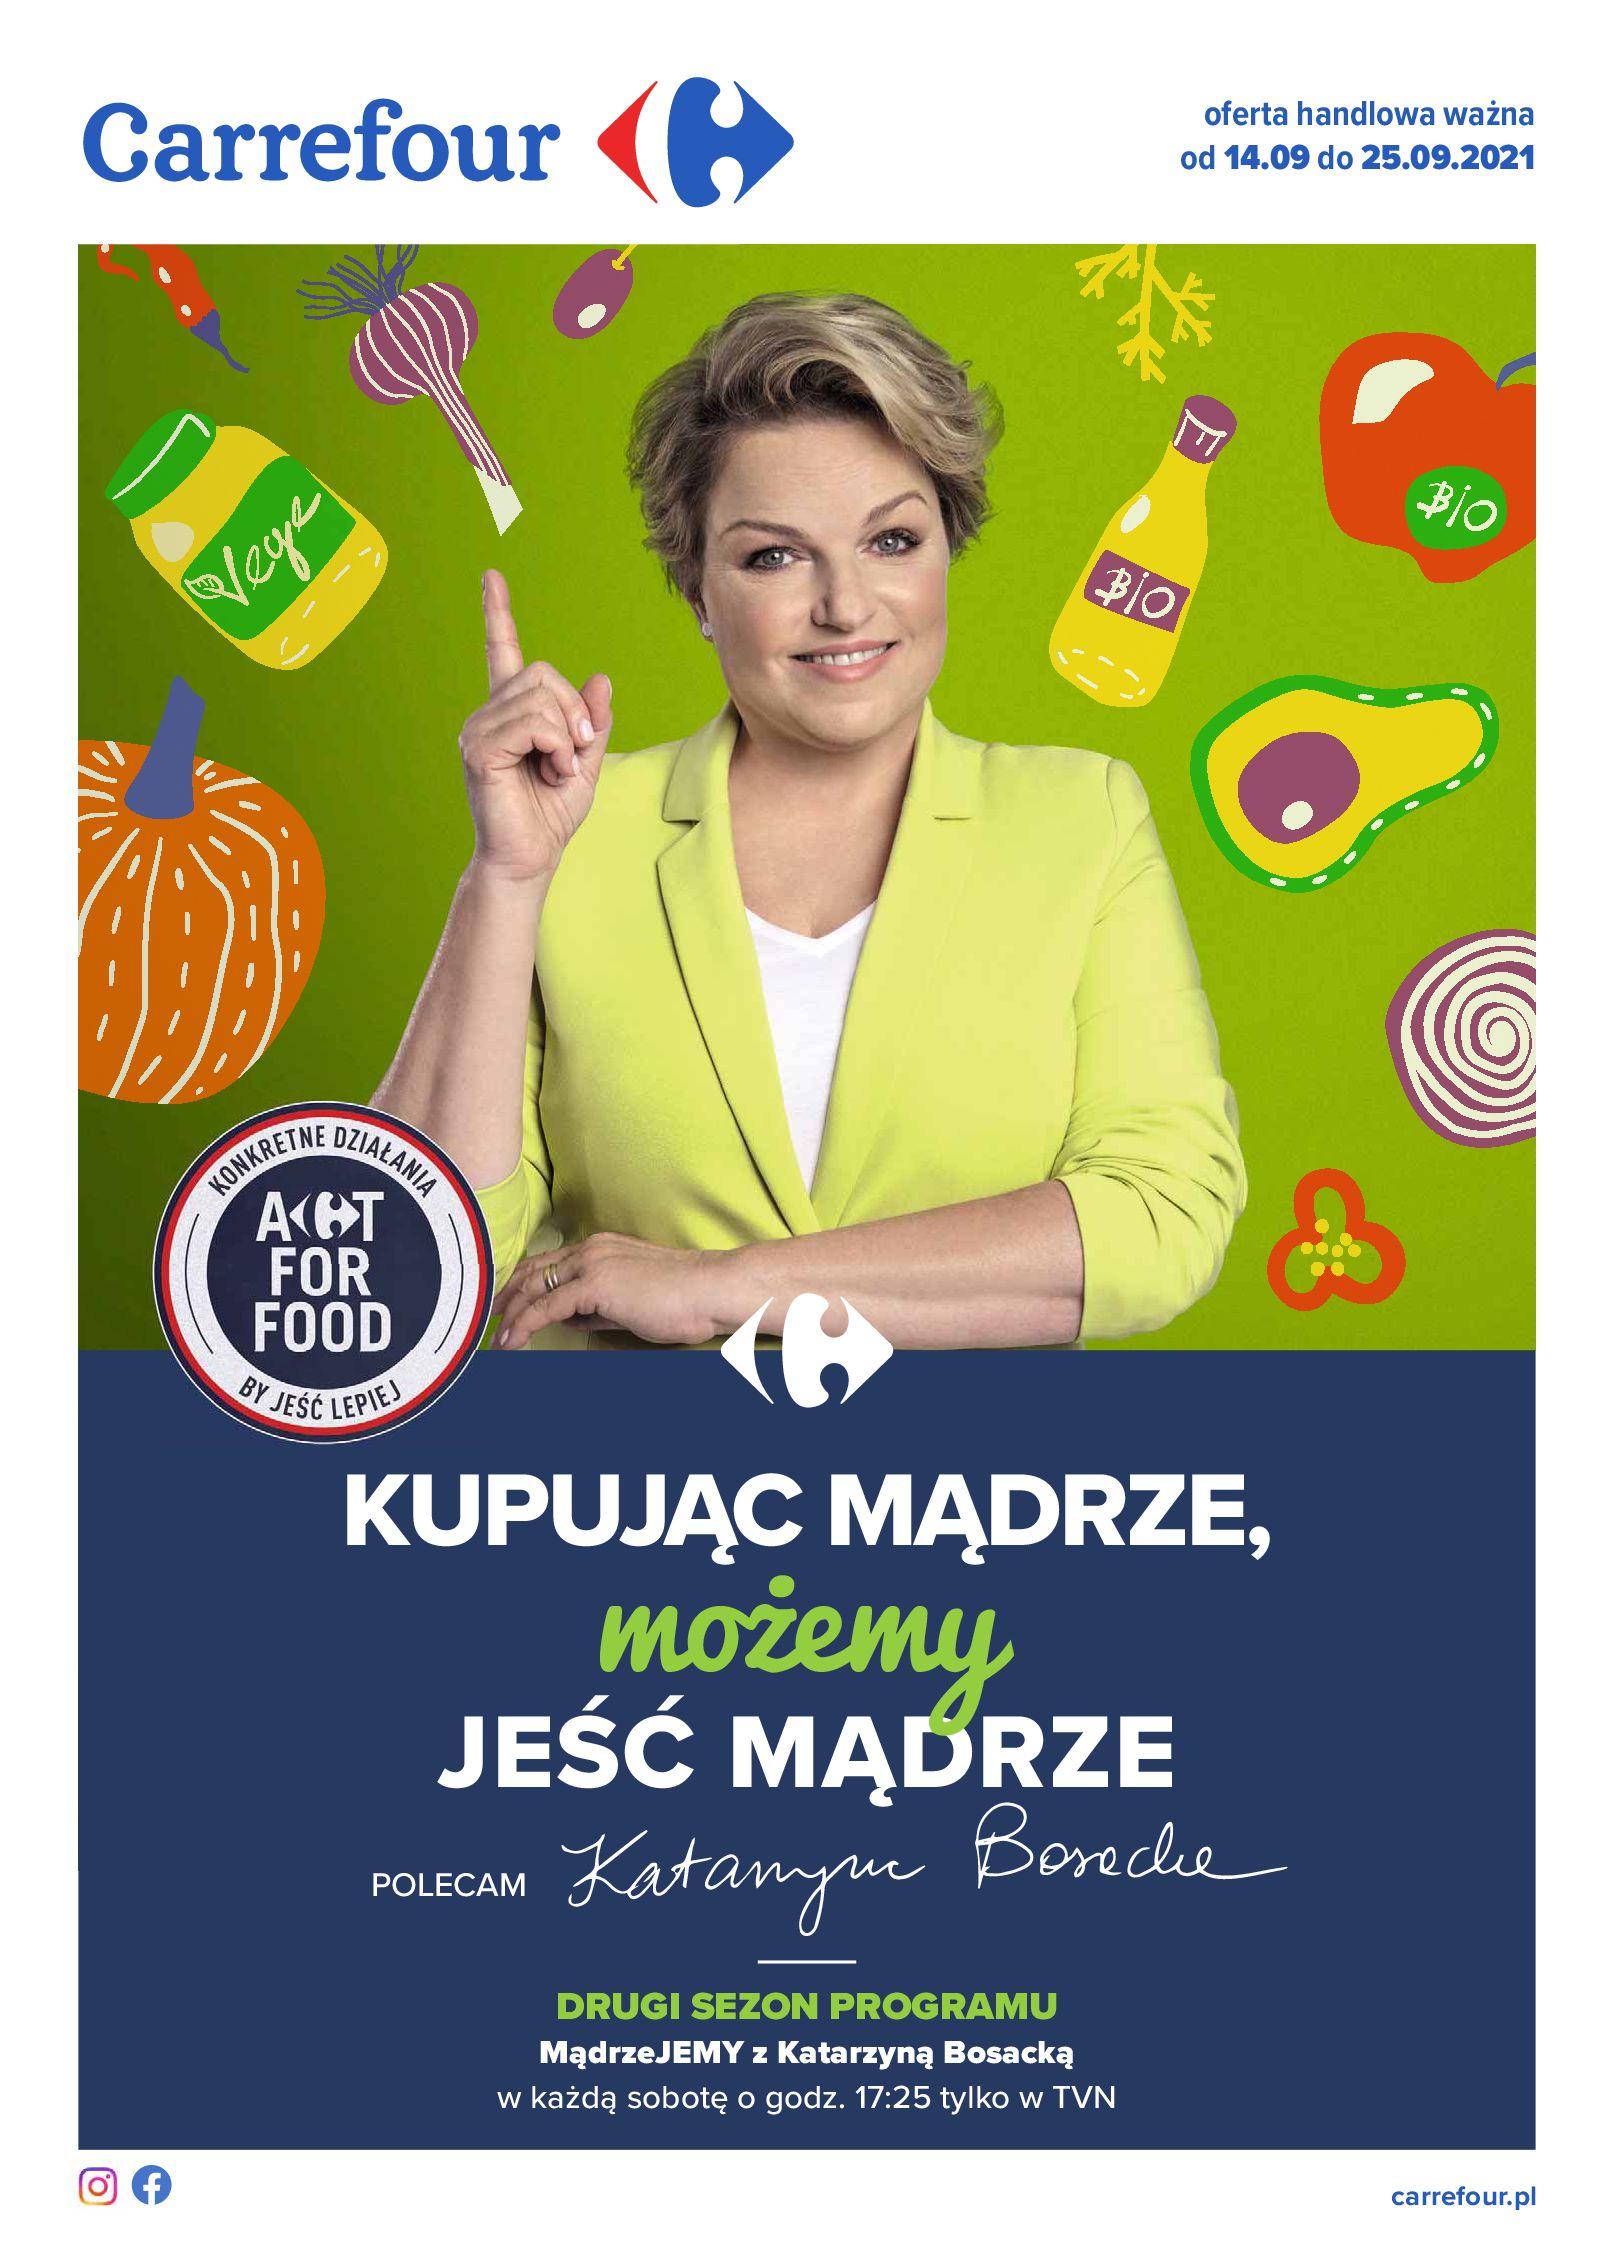 Carrefour:  Gazetka Carrefour - Możemy mądrze jeść! 13.09.2021